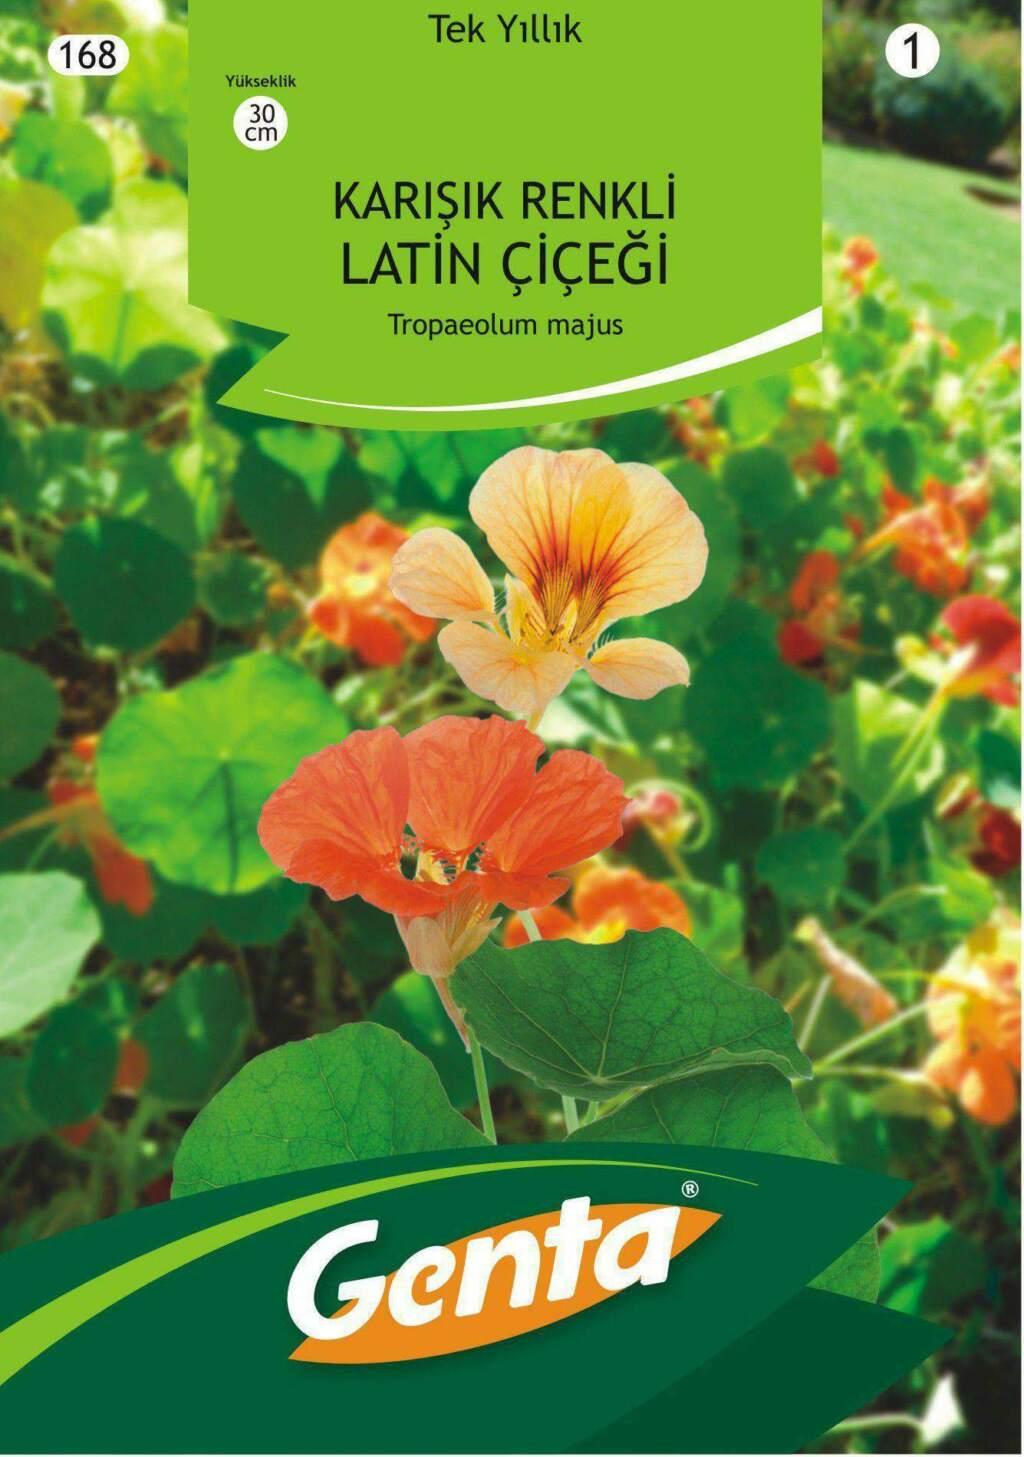 Genta Karışık Renkli Latin Çiçeği